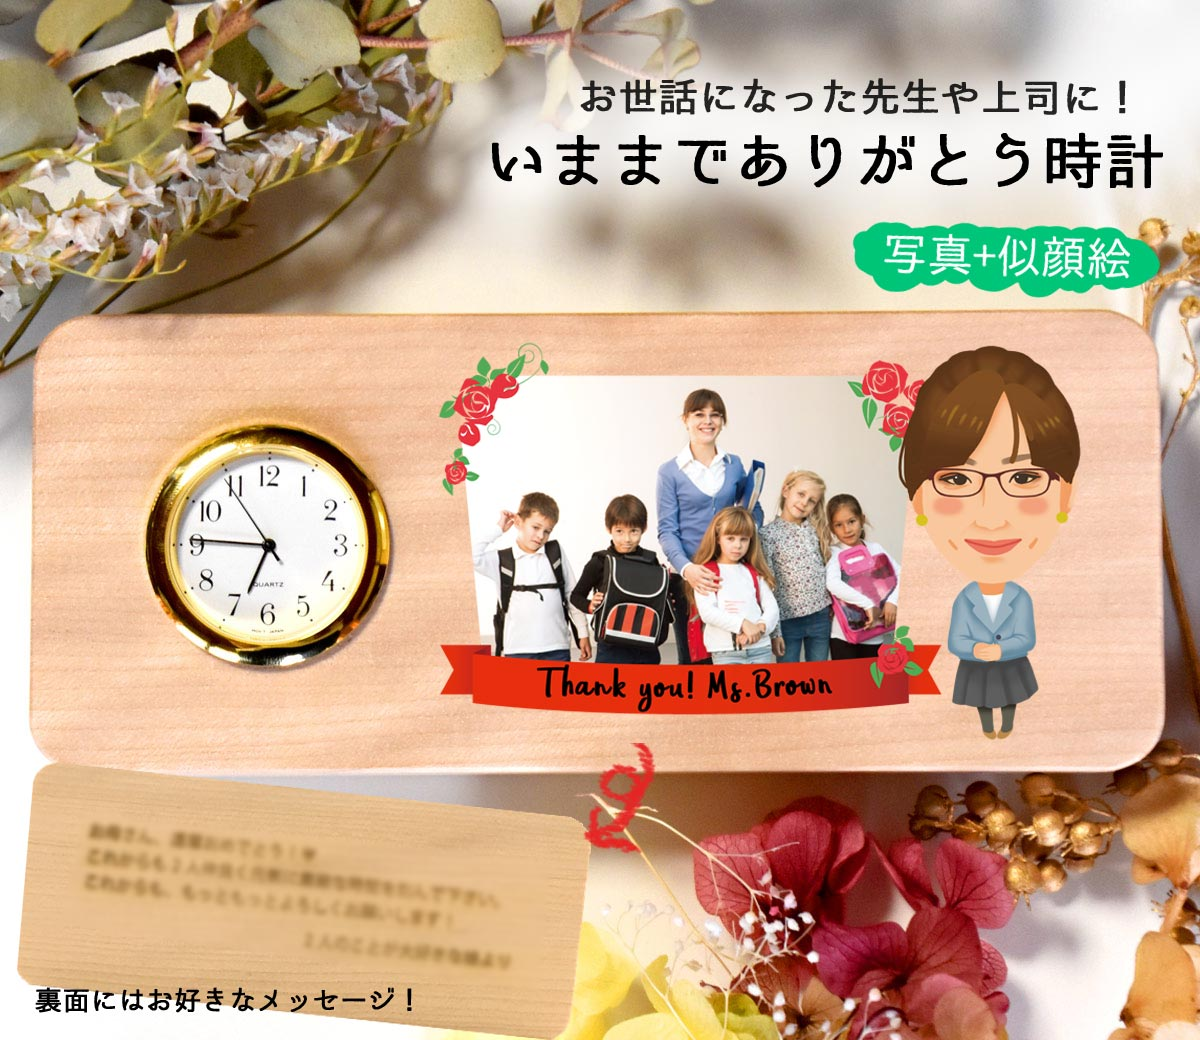 【セミオーダー 似顔絵 名入れ】ココロクロック 今までありがとう置時計(作家Erina)卒業・卒園・引退・退職記念品 写真印刷 お好きなメッセージ刻印 SEIKO 木製 日本製